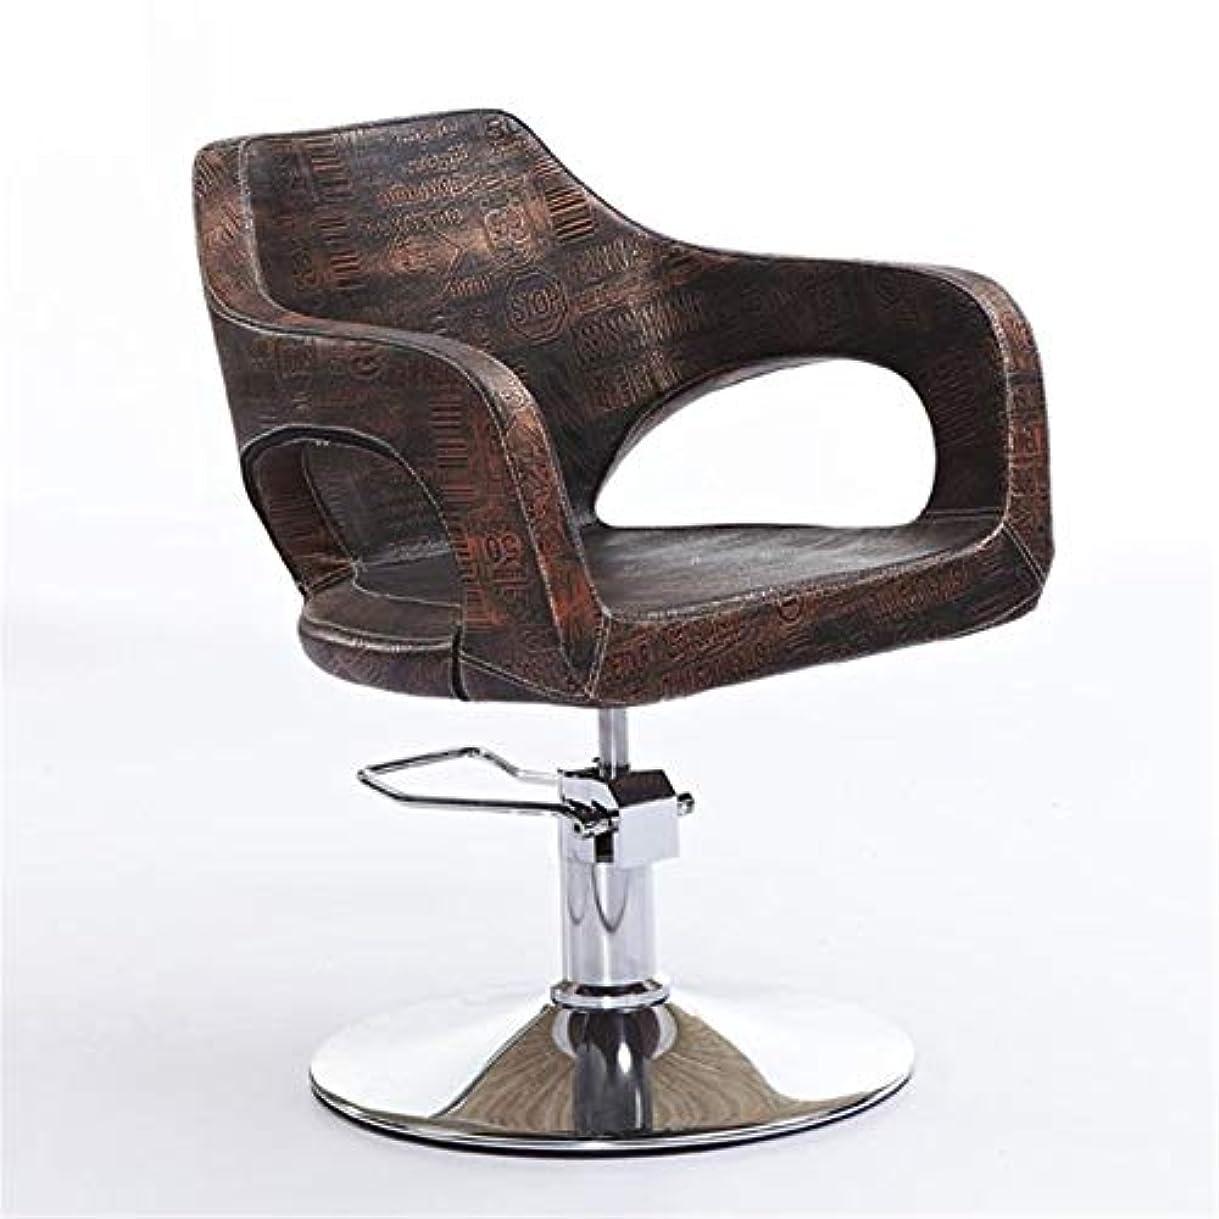 運搬即席またねサロンチェアファッションヘアサロンチェア美容ヘアカットチェア油圧理髪チェア調節可能な高さ特別なヘアサロン機器,D